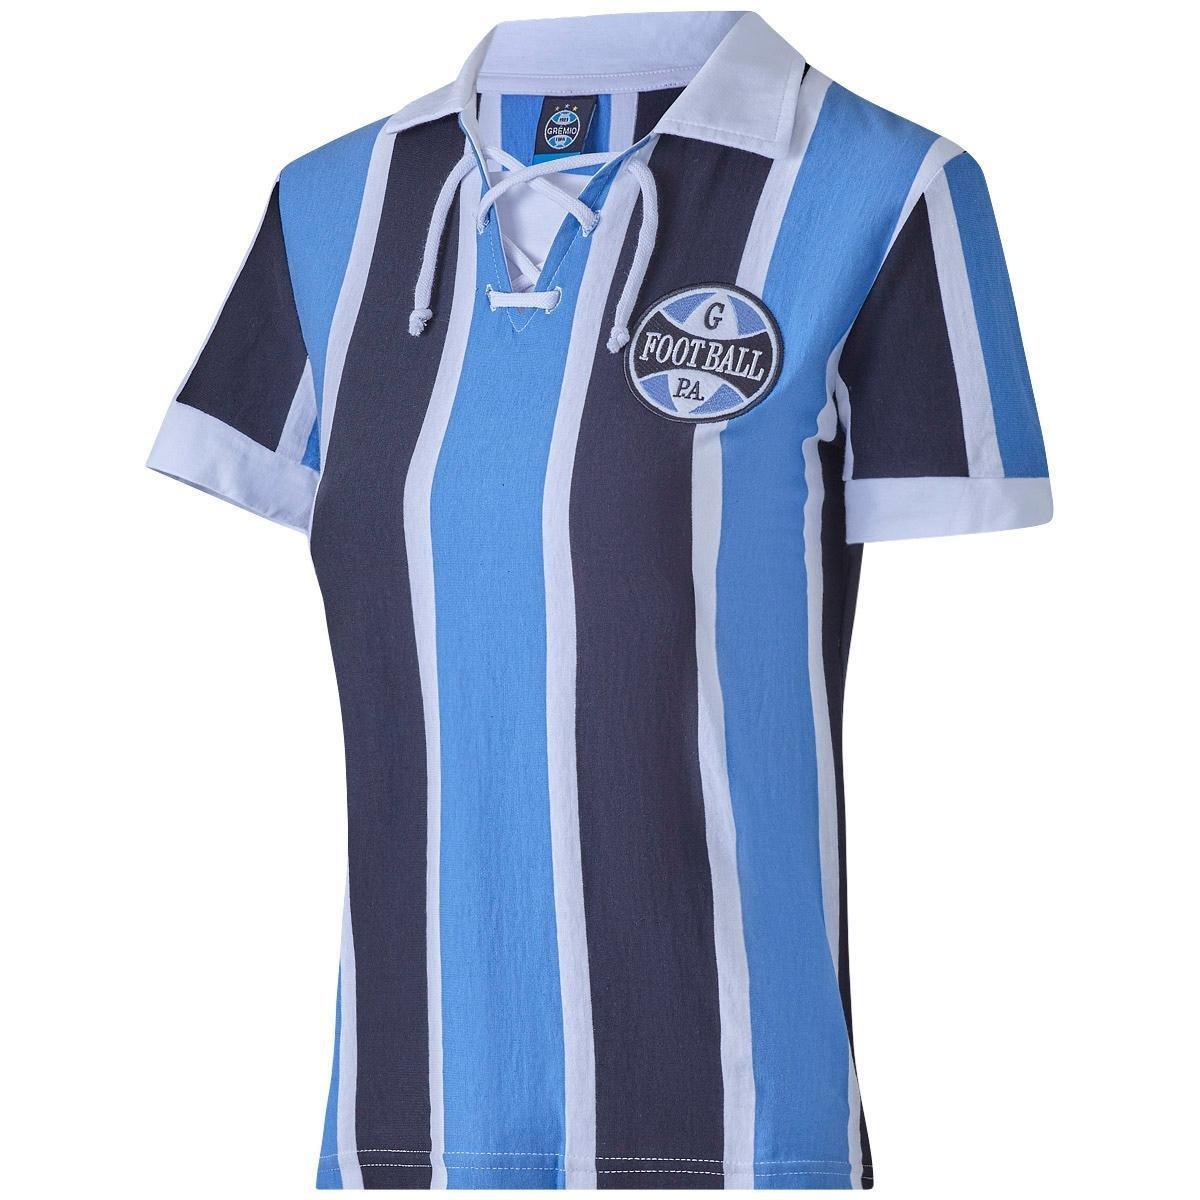 bbbc04af361cd Camisa Retrô Grêmio 1930 Feminina - Azul - Compre Agora